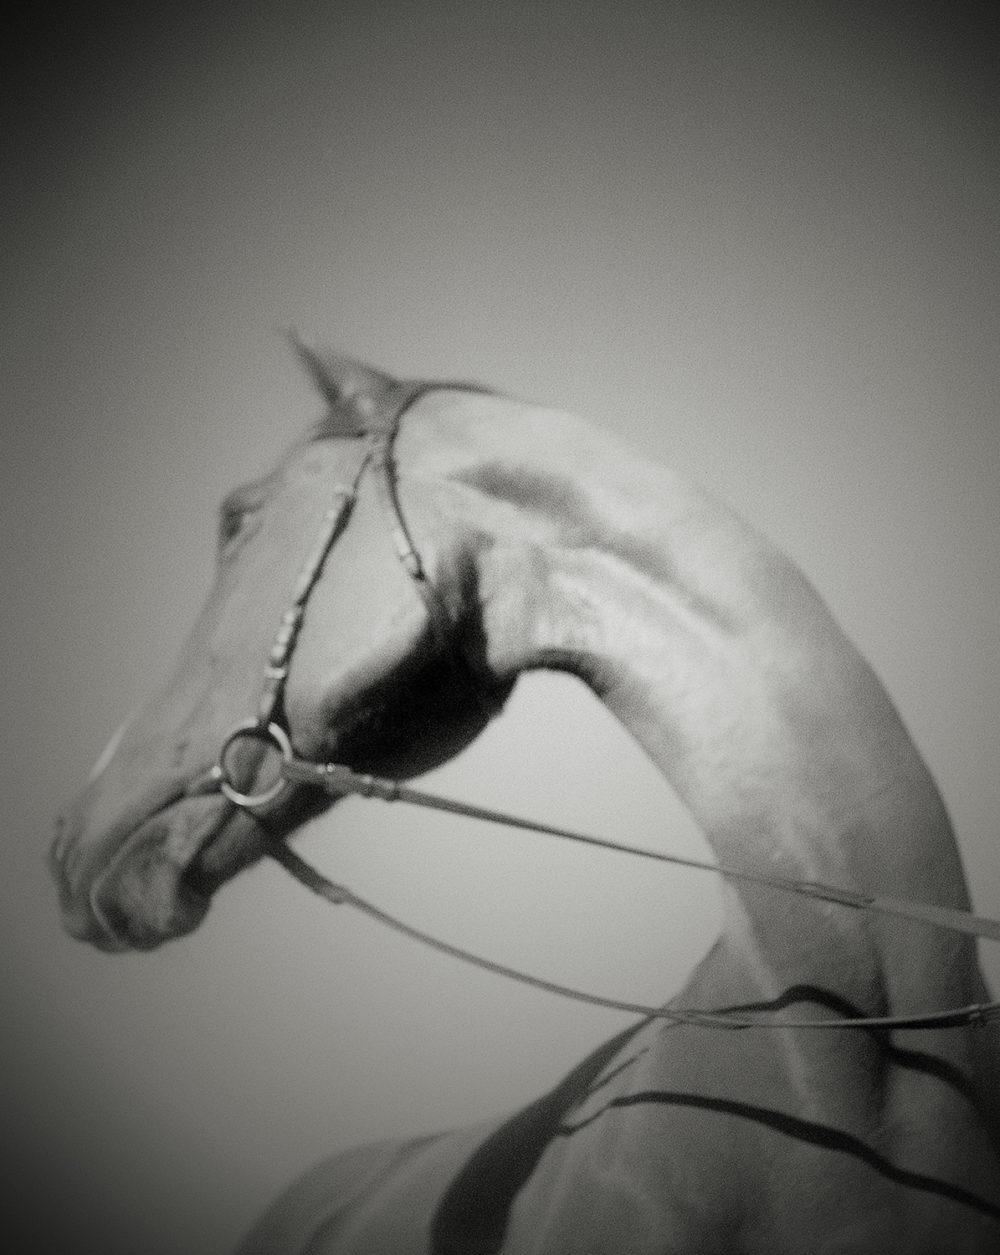 horse heads like a swan